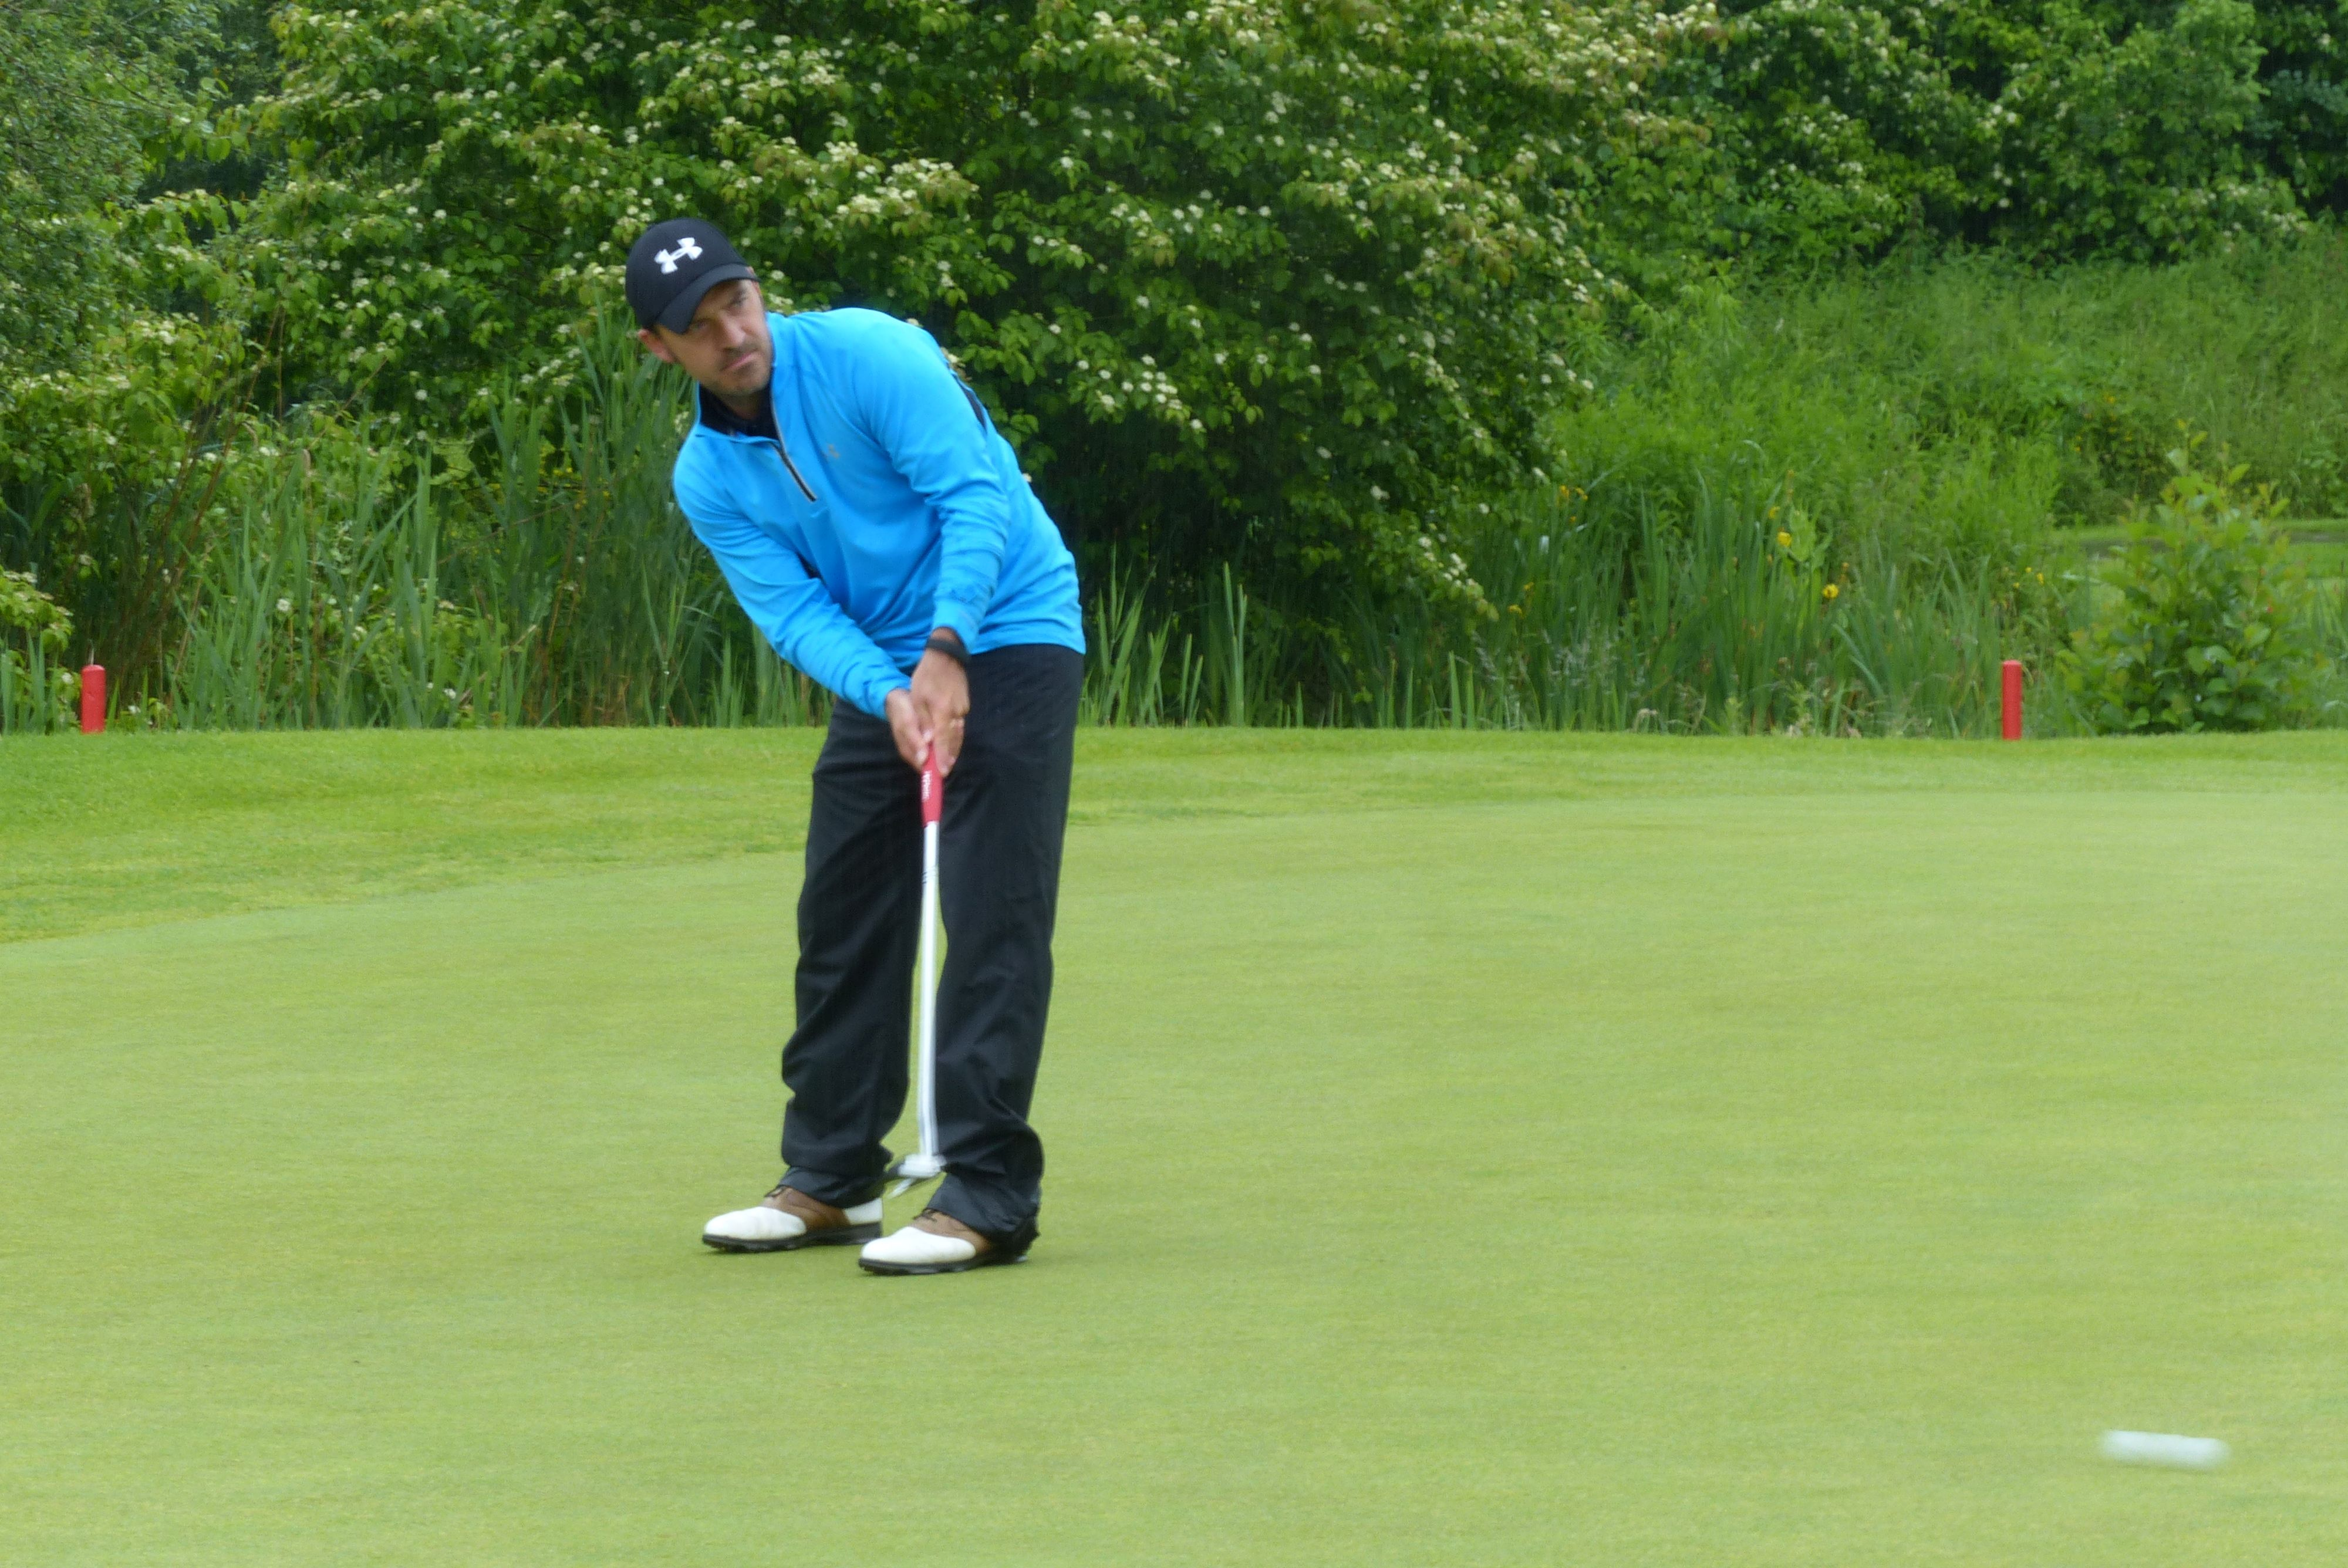 Vierter Spieltag der Kramski Deutsche Golf Liga im GC Augsburg